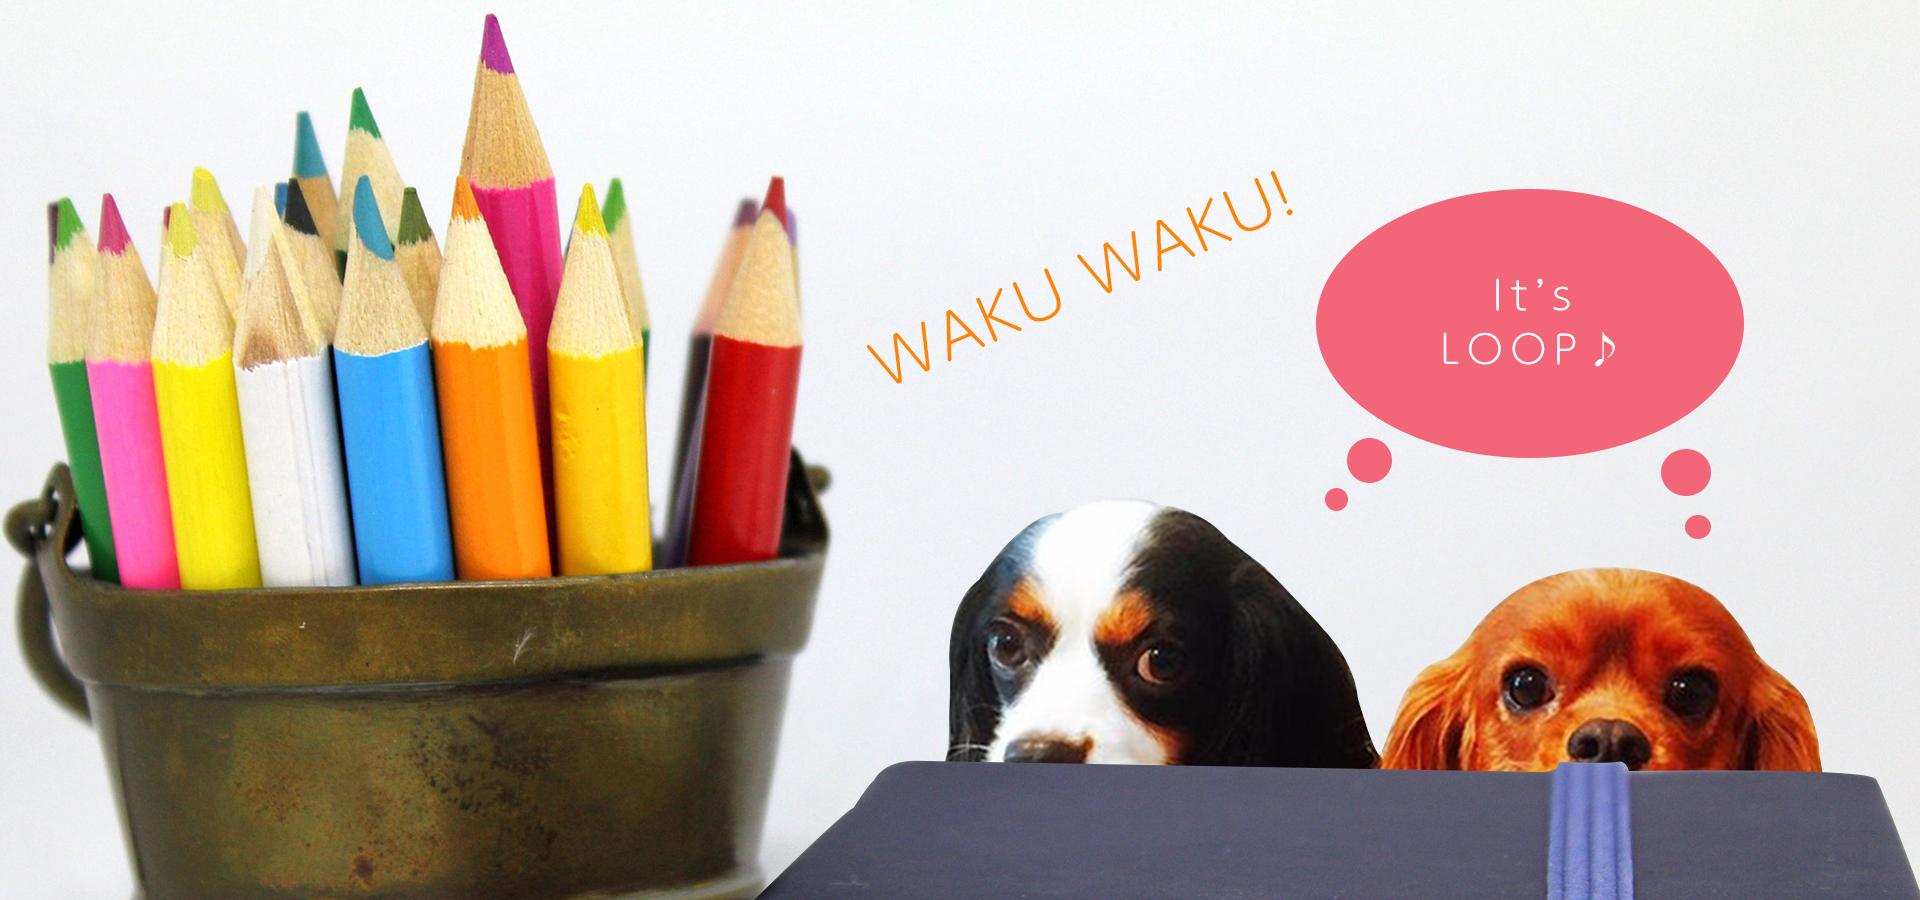 坂戸にある小さな雑貨屋さんLOOP(ループ)イメージ画像。看板キャバリア犬のルークとコッペがワクワクしながらこっちを見ている画像。